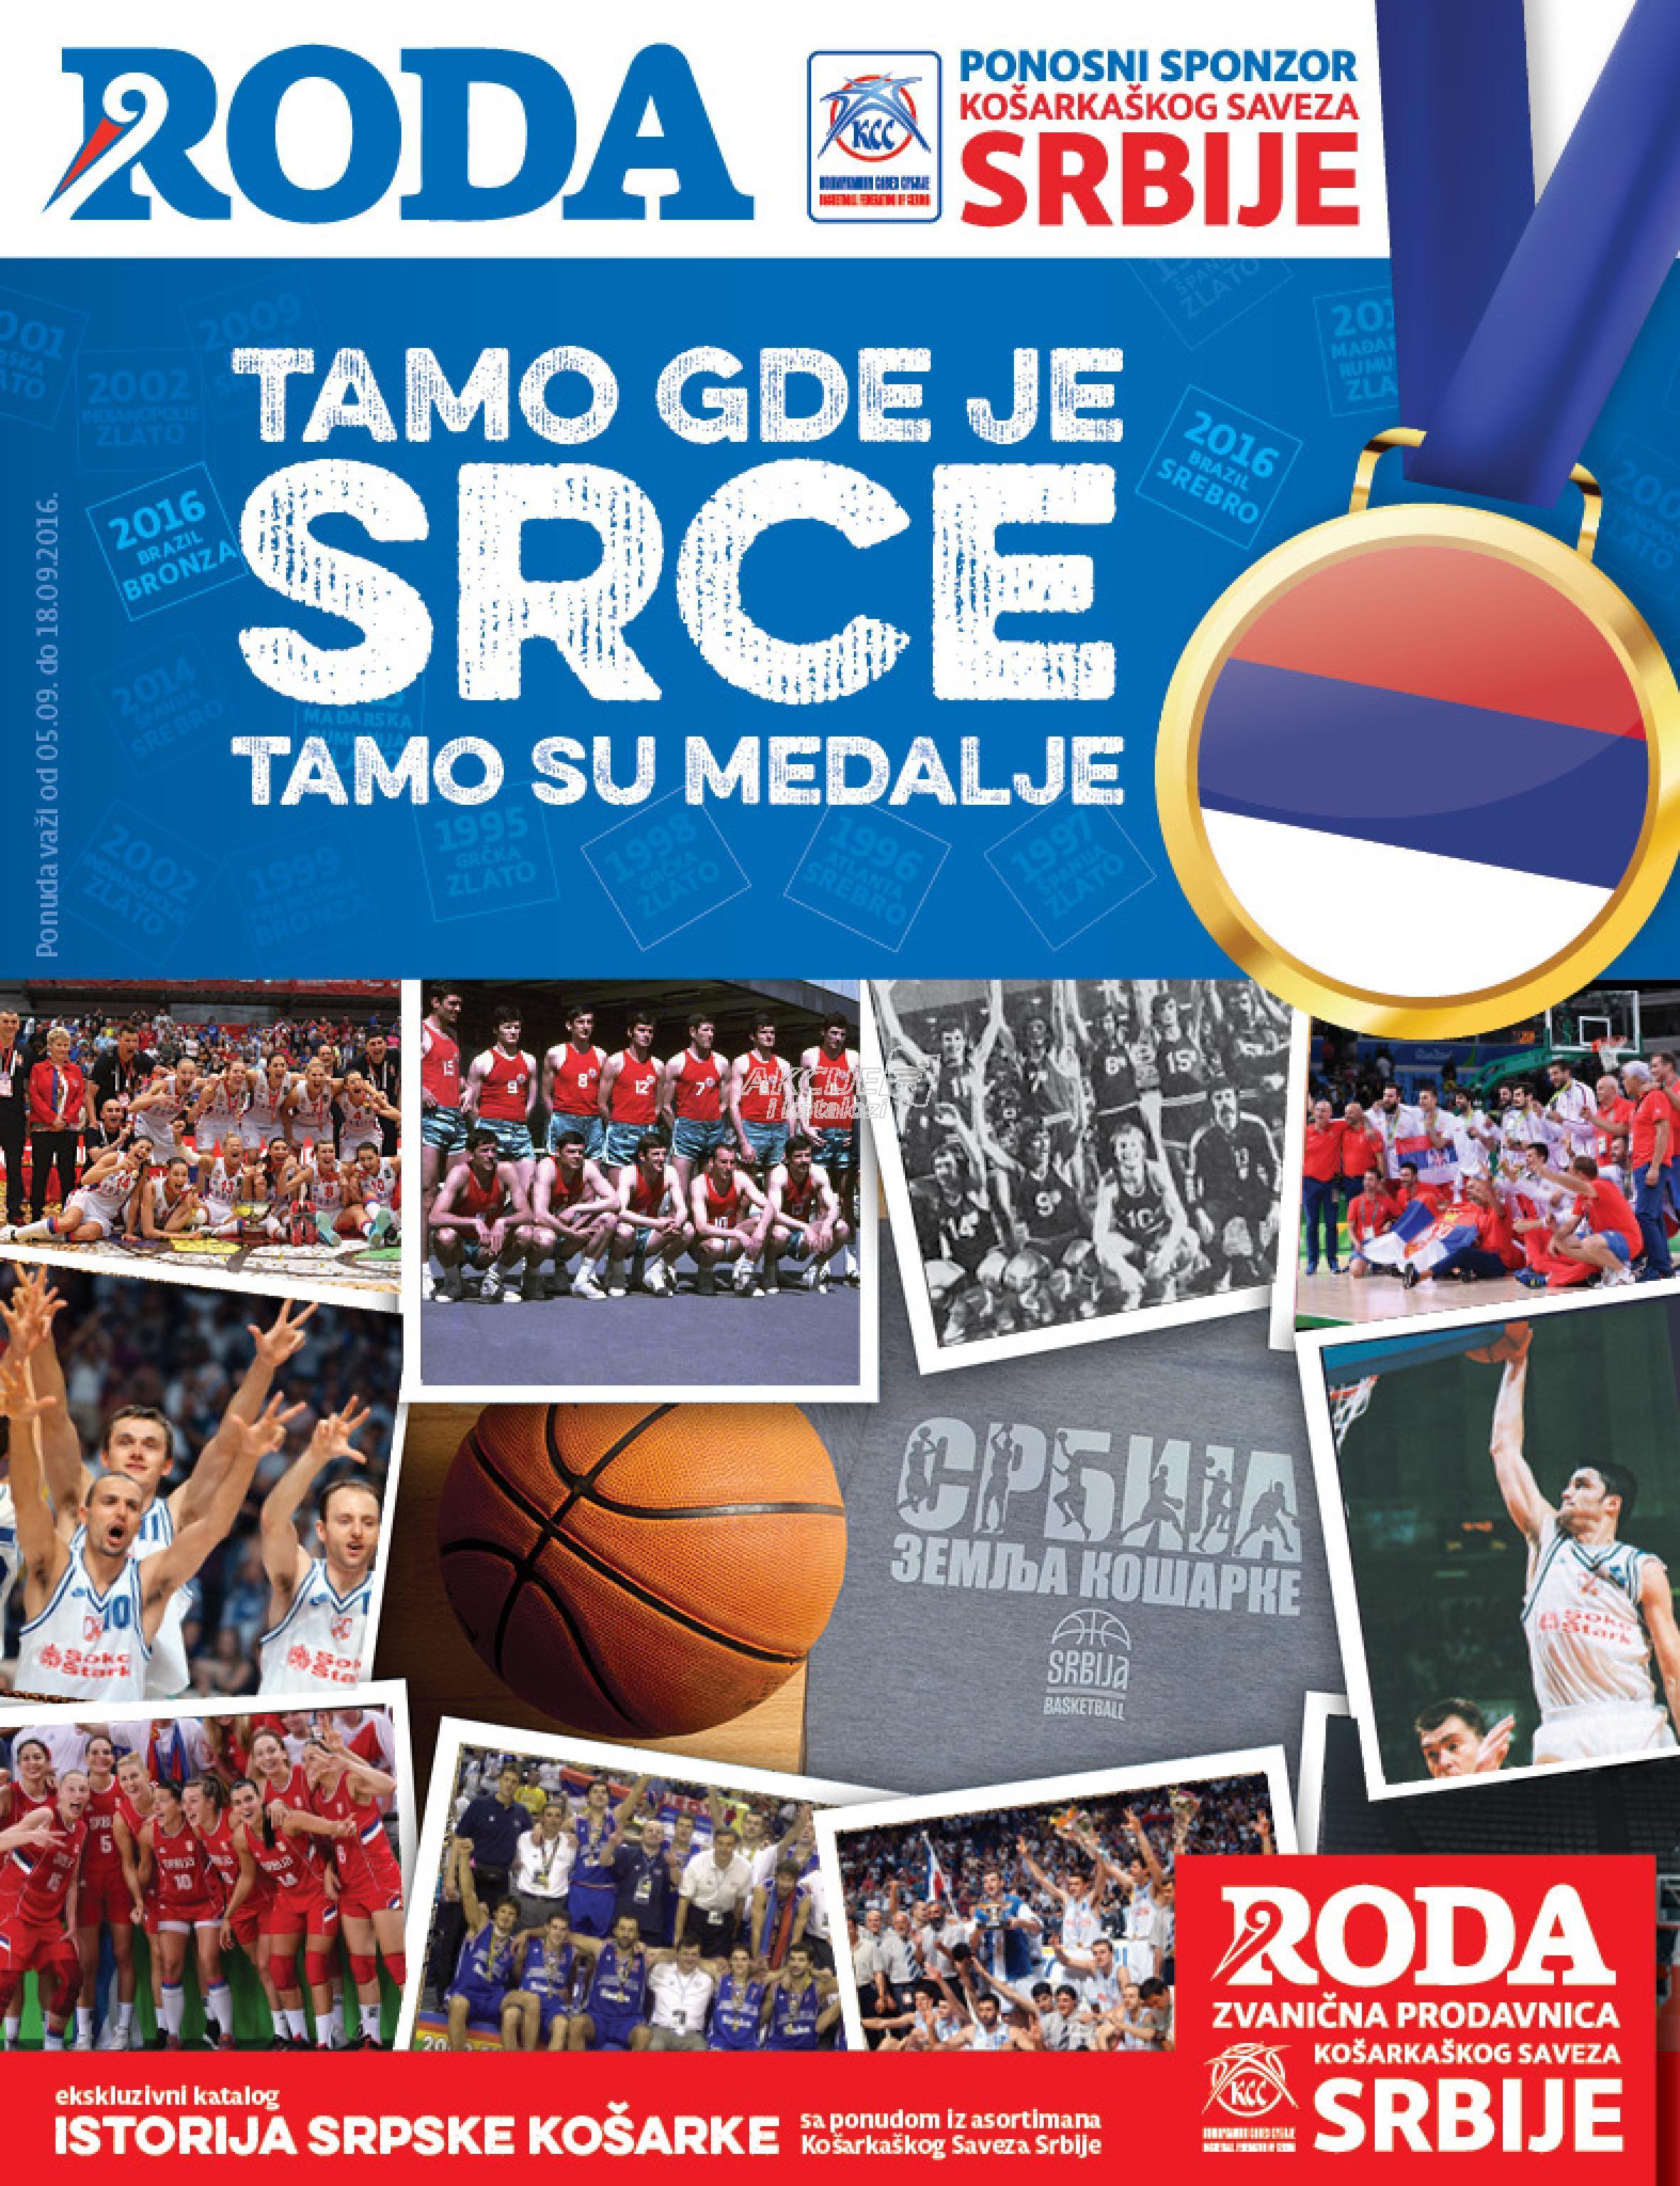 Roda - Redovna akcija istorija košarke